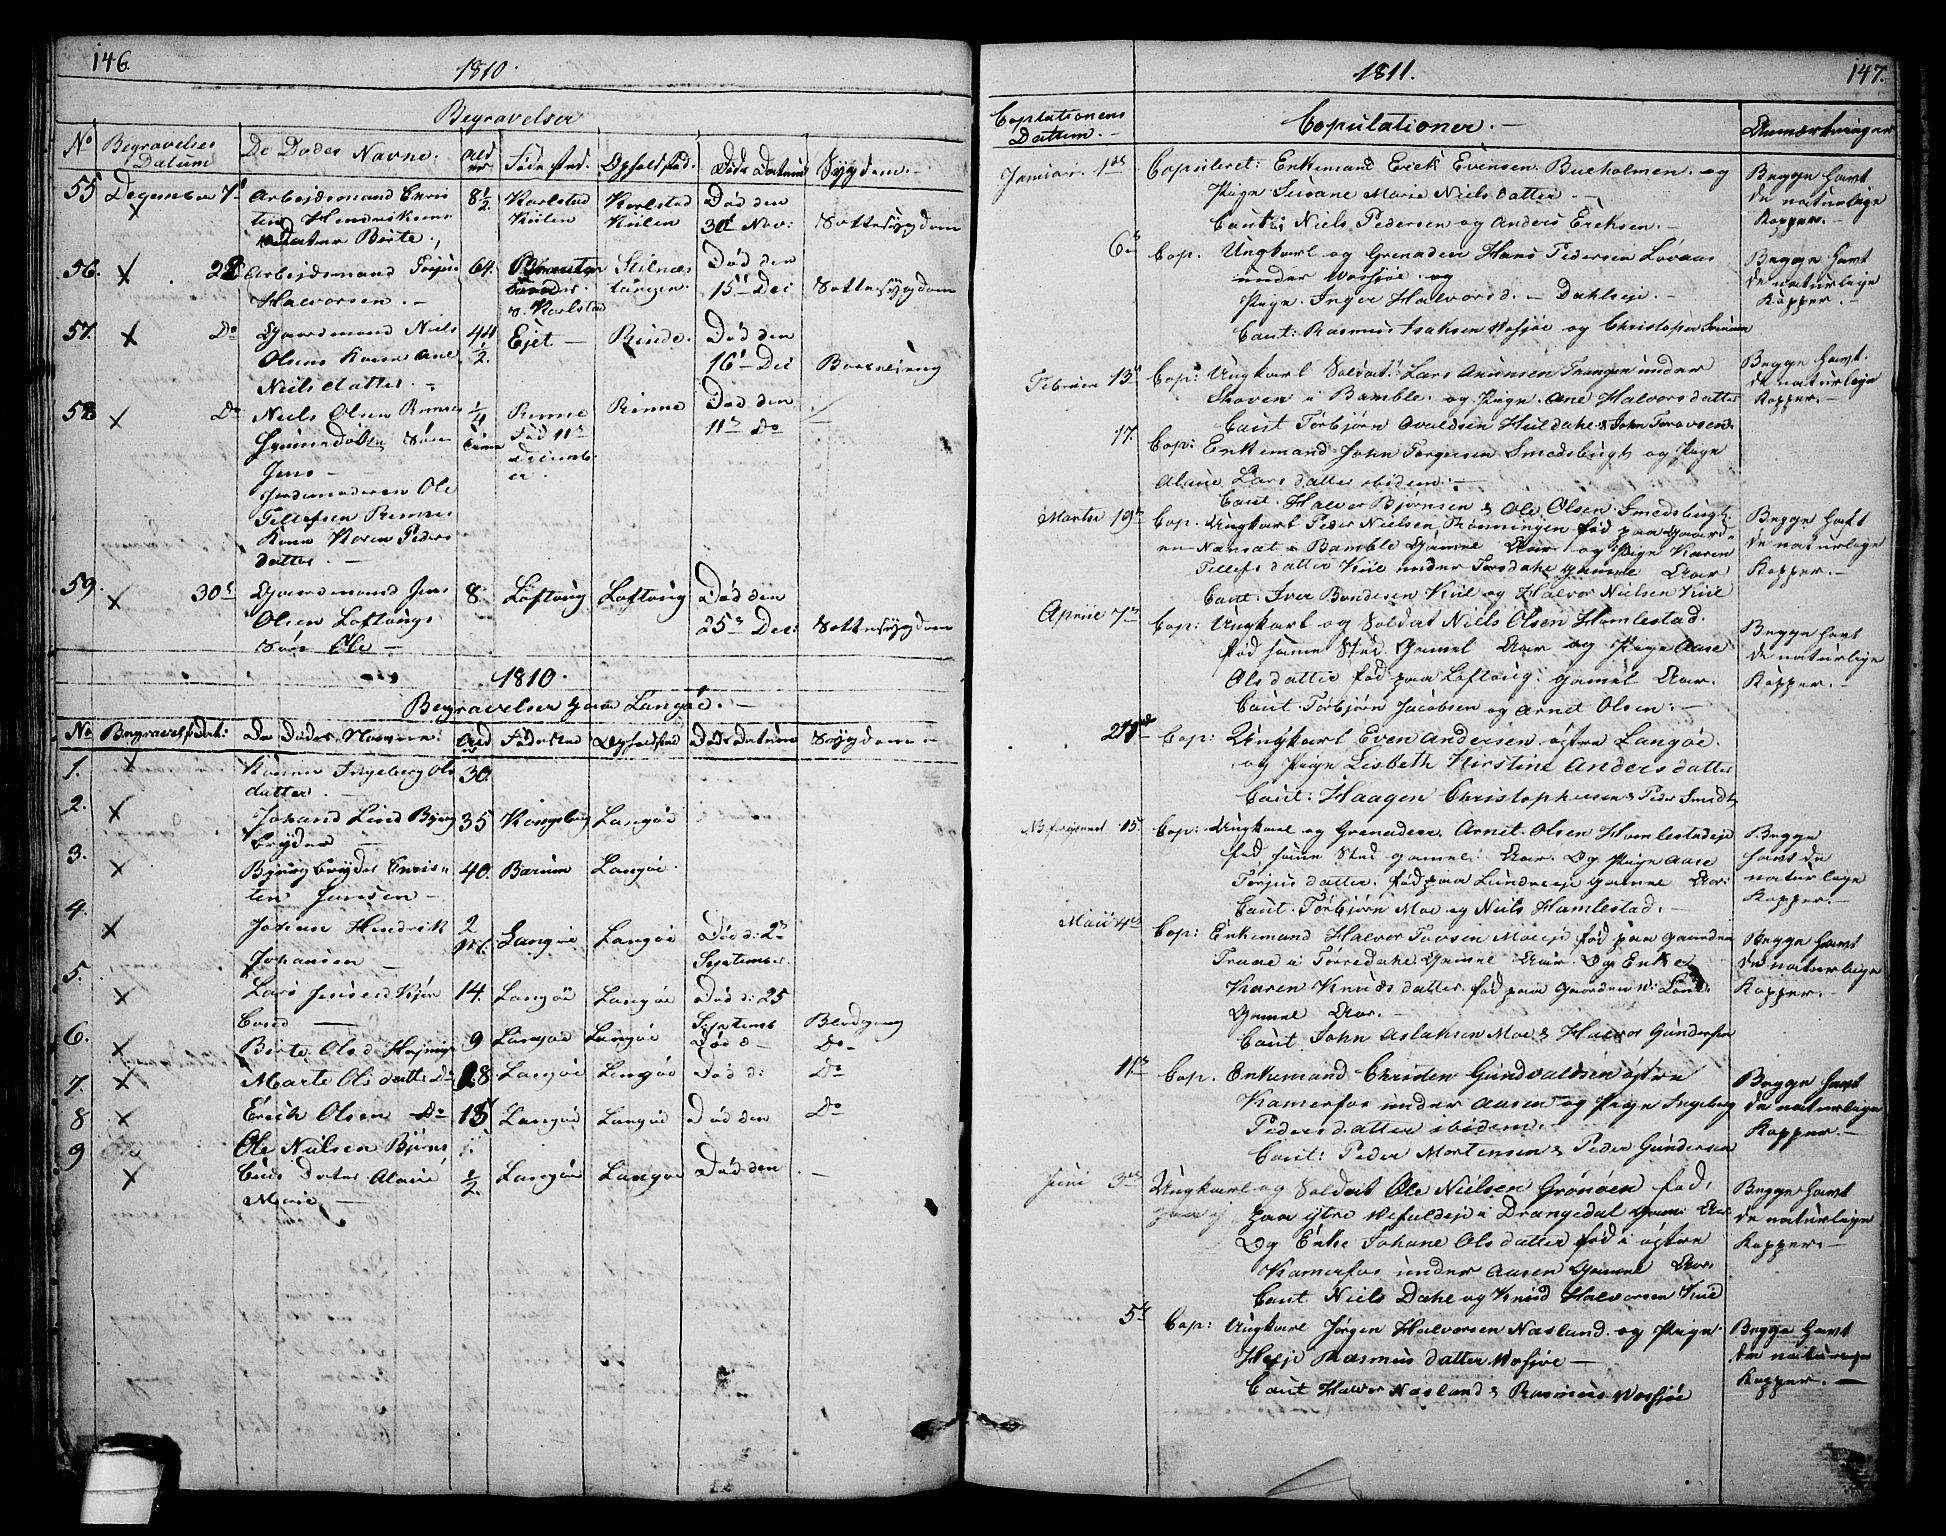 SAKO, Sannidal kirkebøker, F/Fa/L0003: Ministerialbok nr. 3, 1803-1813, s. 146-147